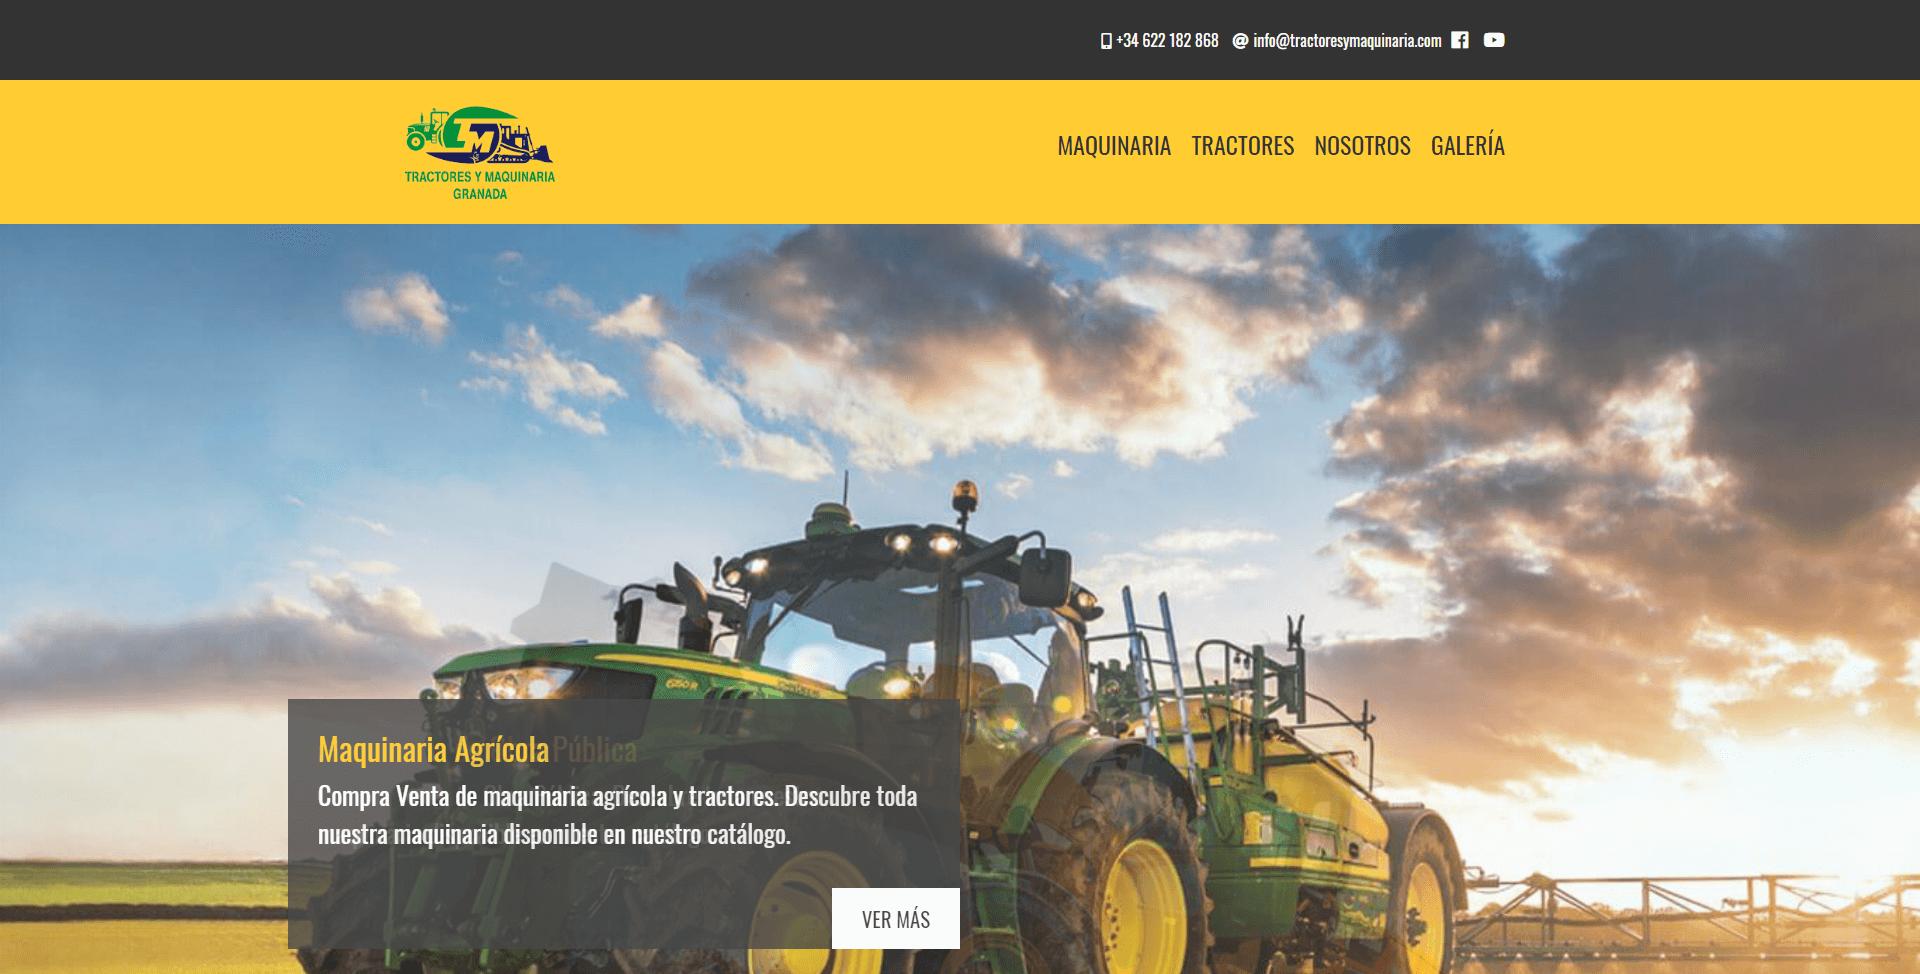 fireshot-capture-29-tractores-y-maquinaria-granada-https___www.tractoresymaquinaria.com_